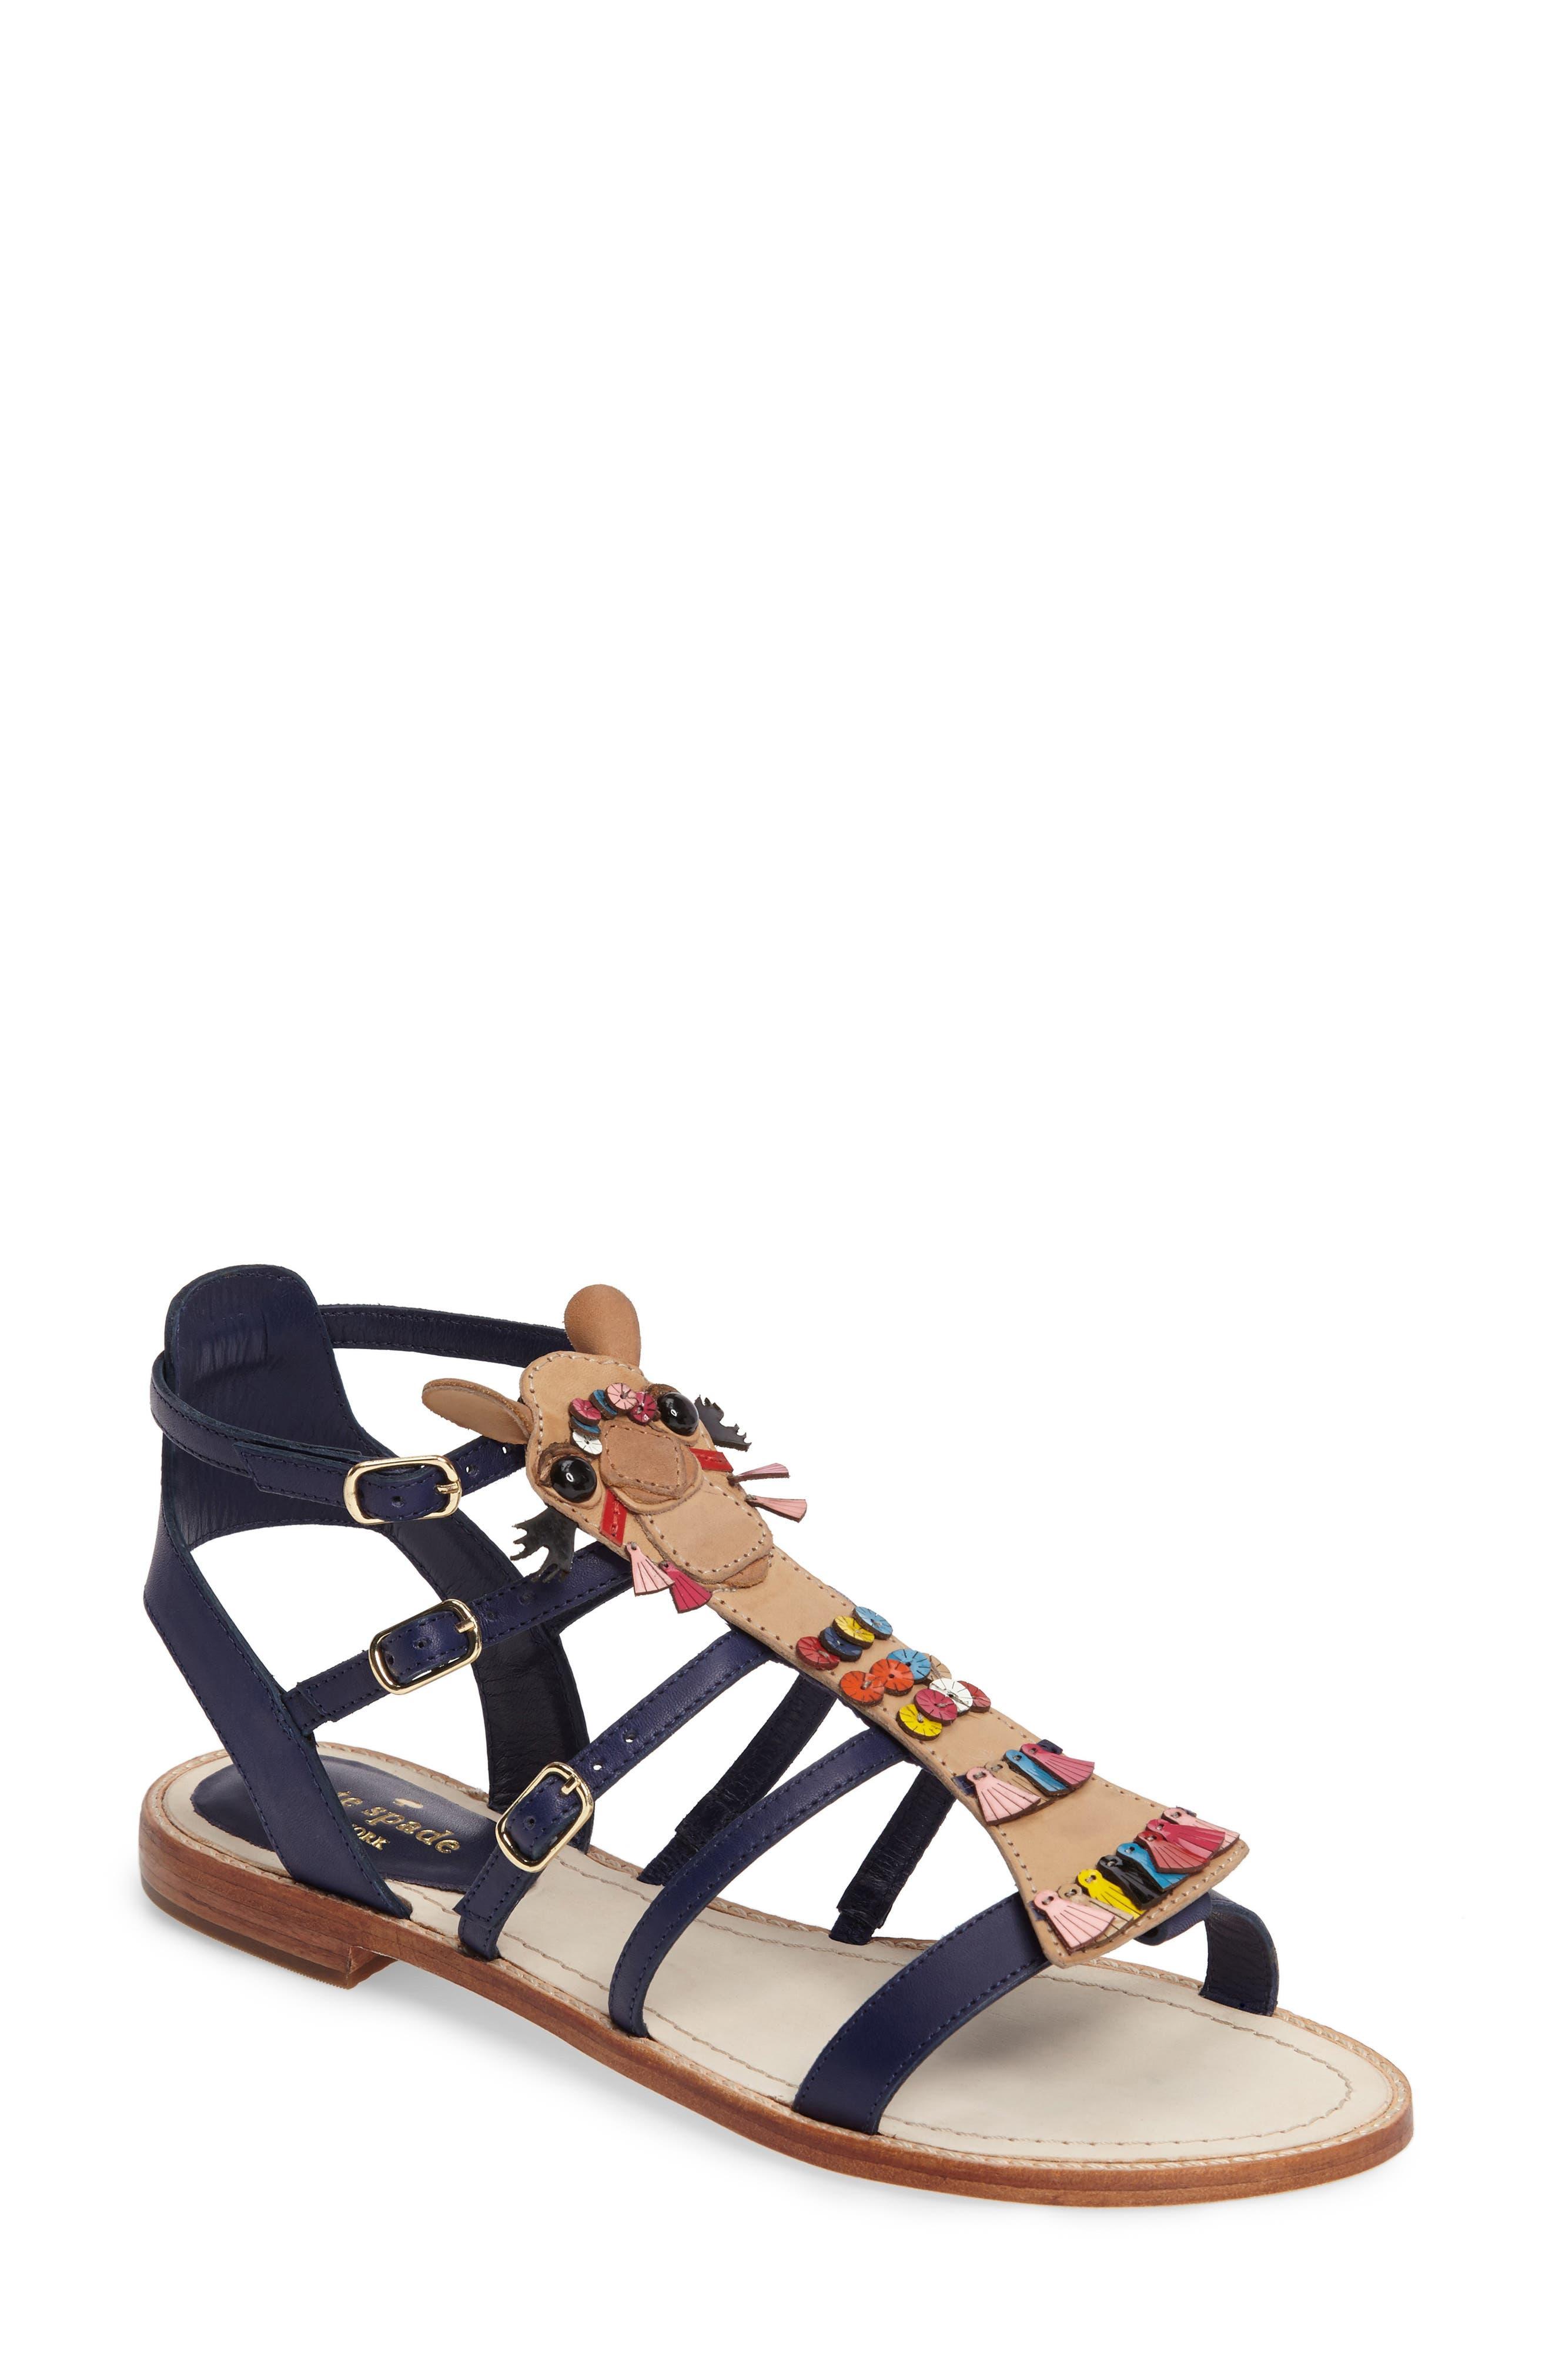 KATE SPADE NEW YORK sahara flat sandal